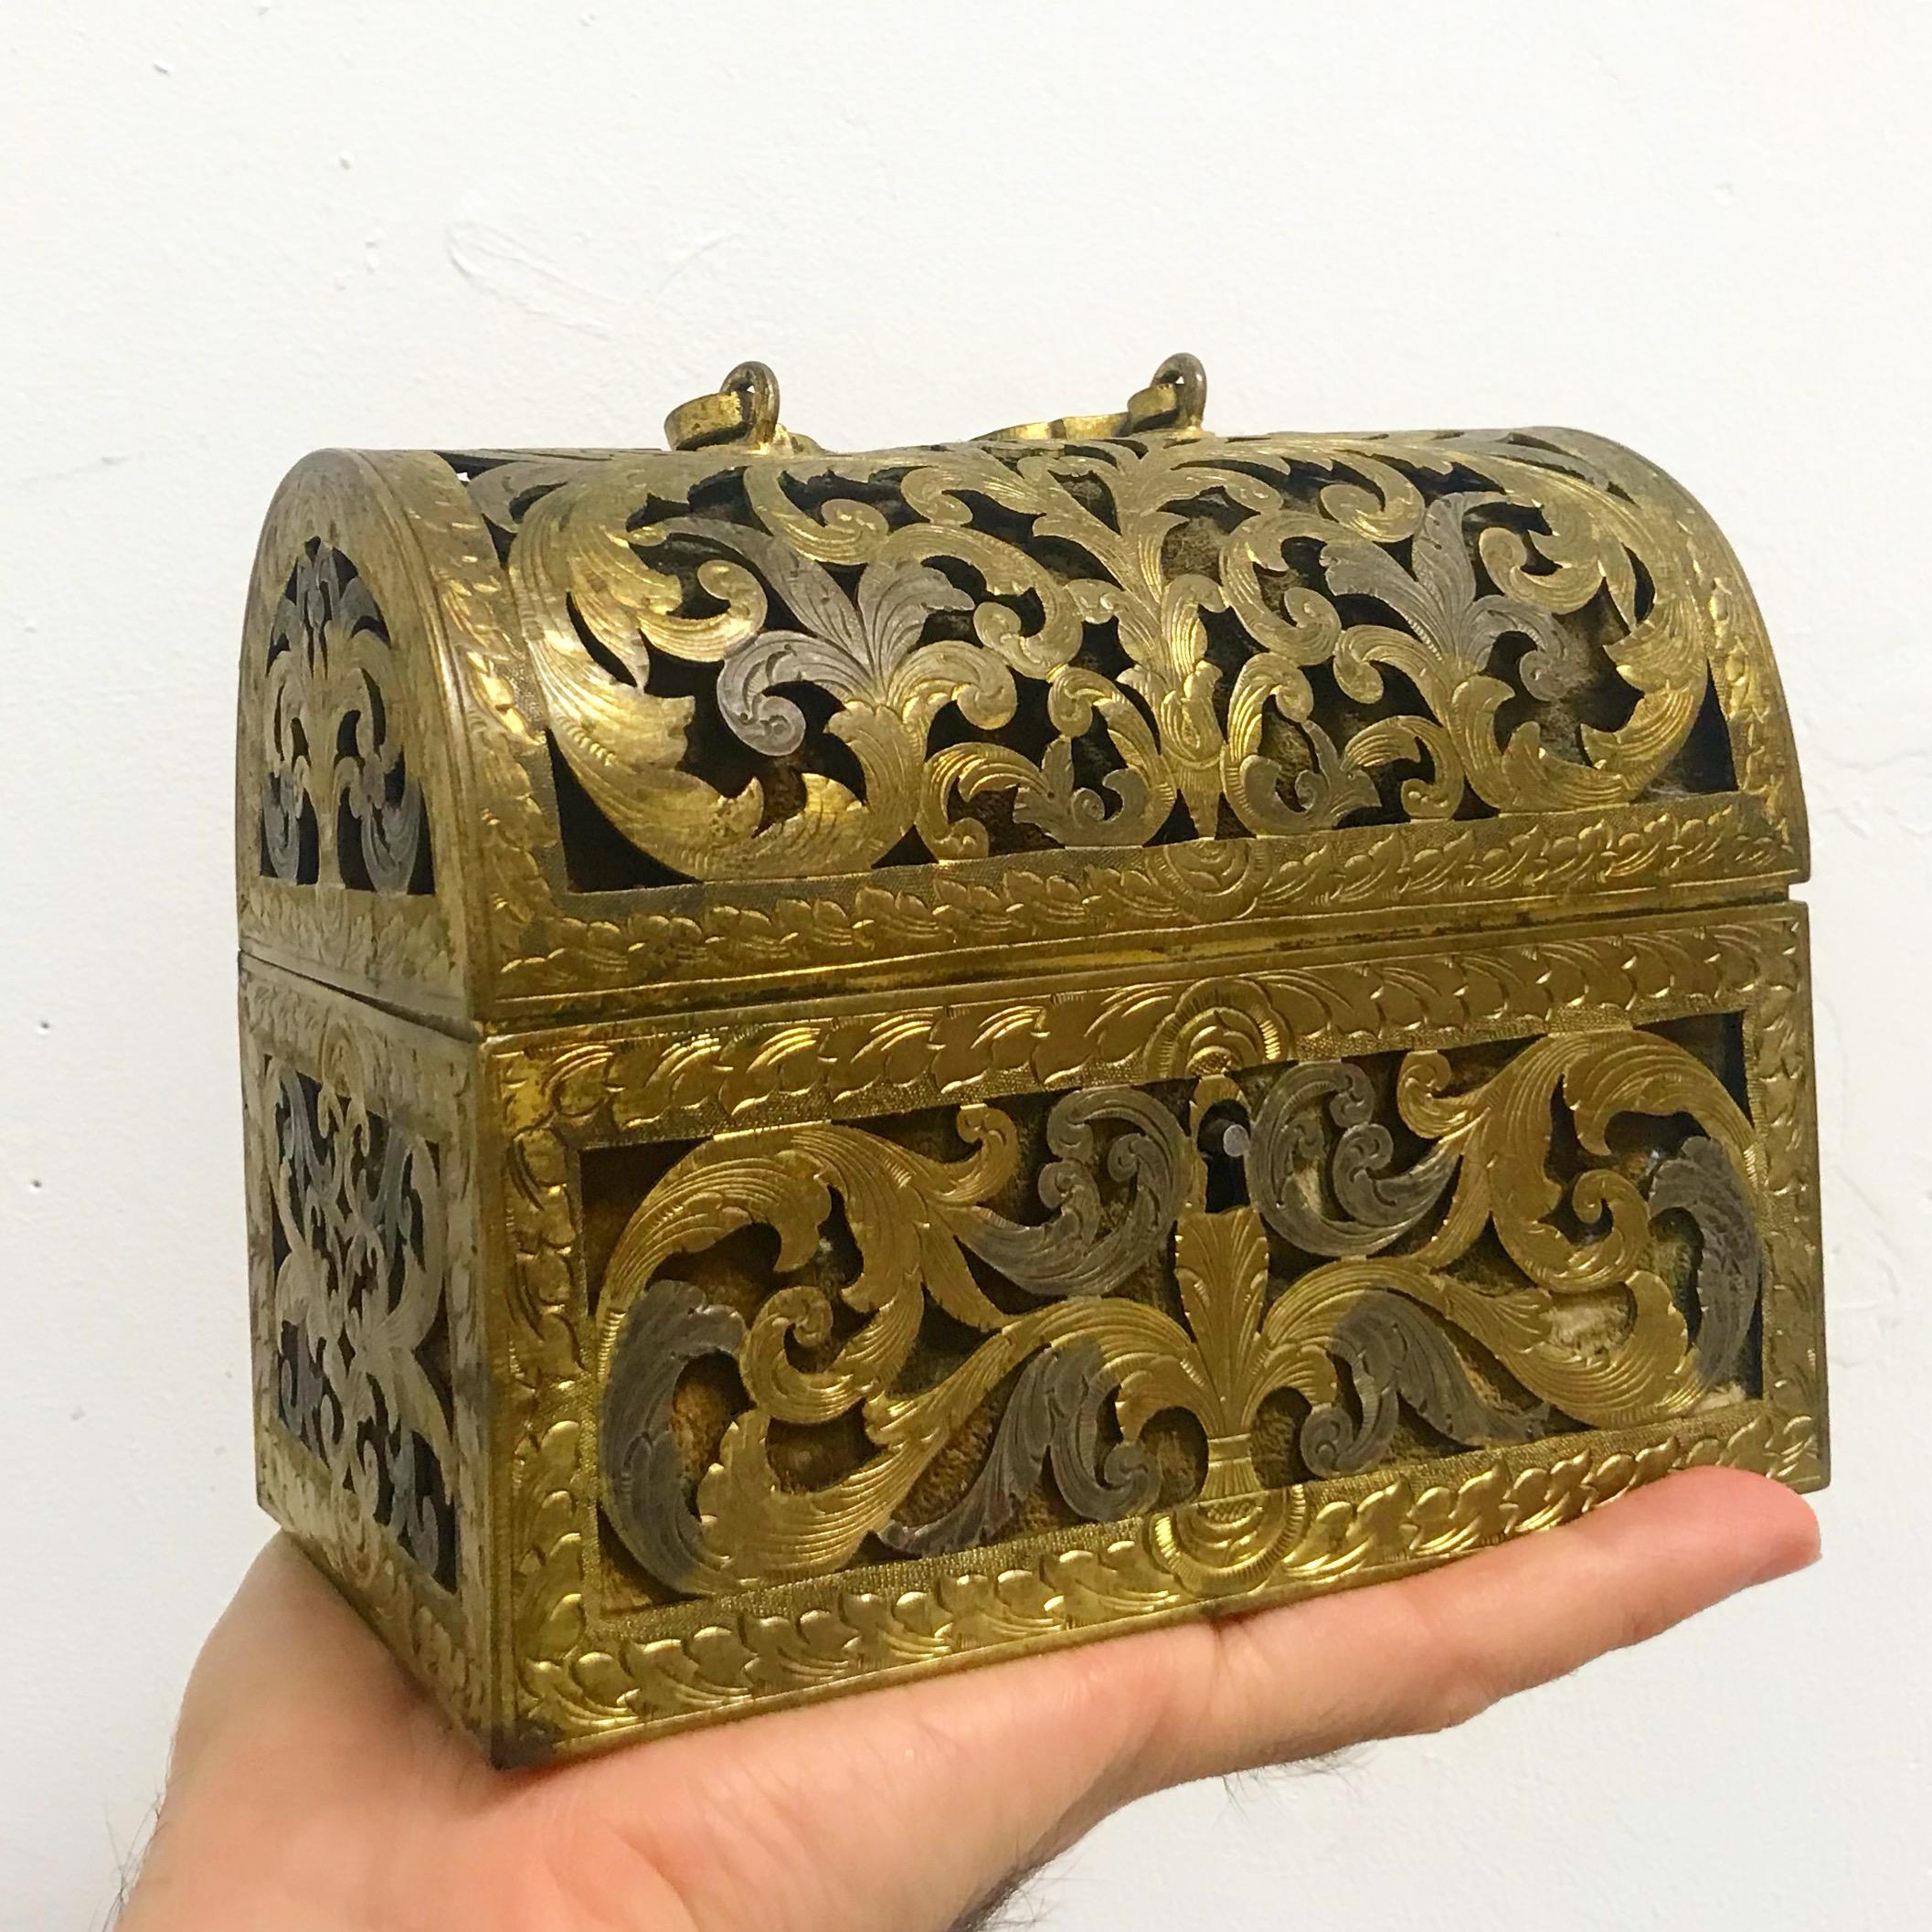 teremok_anitques_gilt_brass_casket.JPG